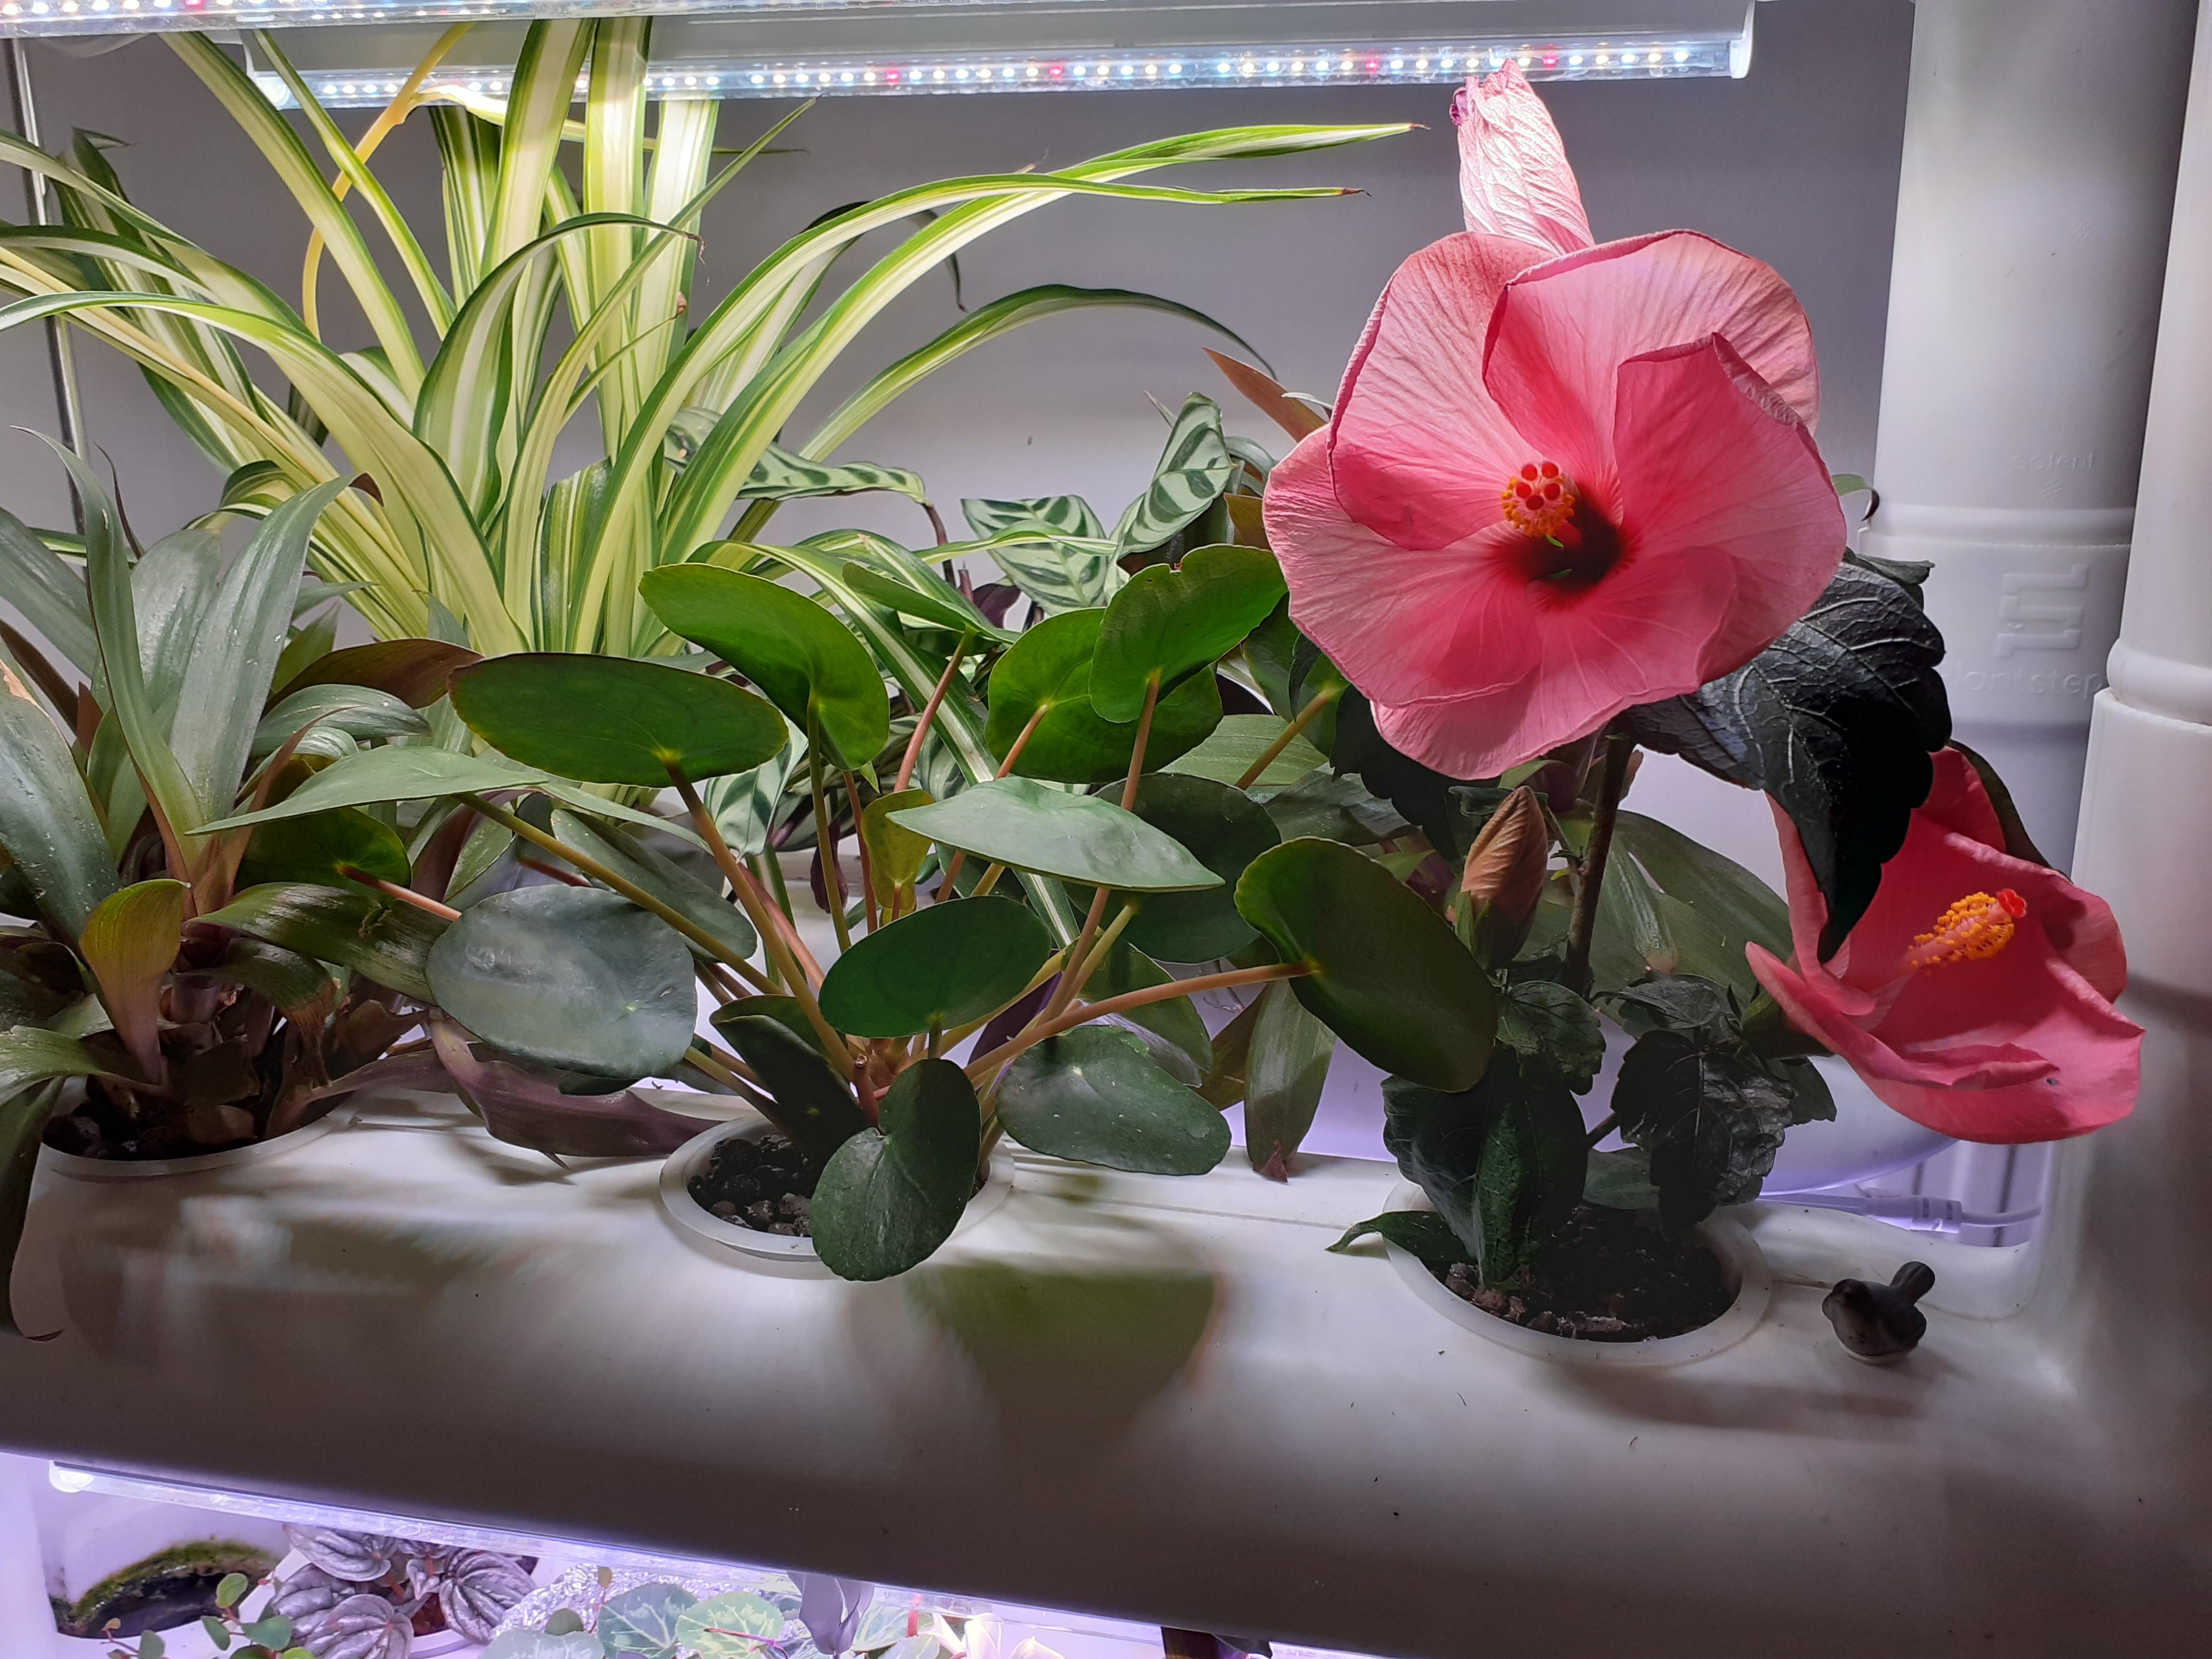 värikäs kukka sisäpuutarhajärjestelmässä